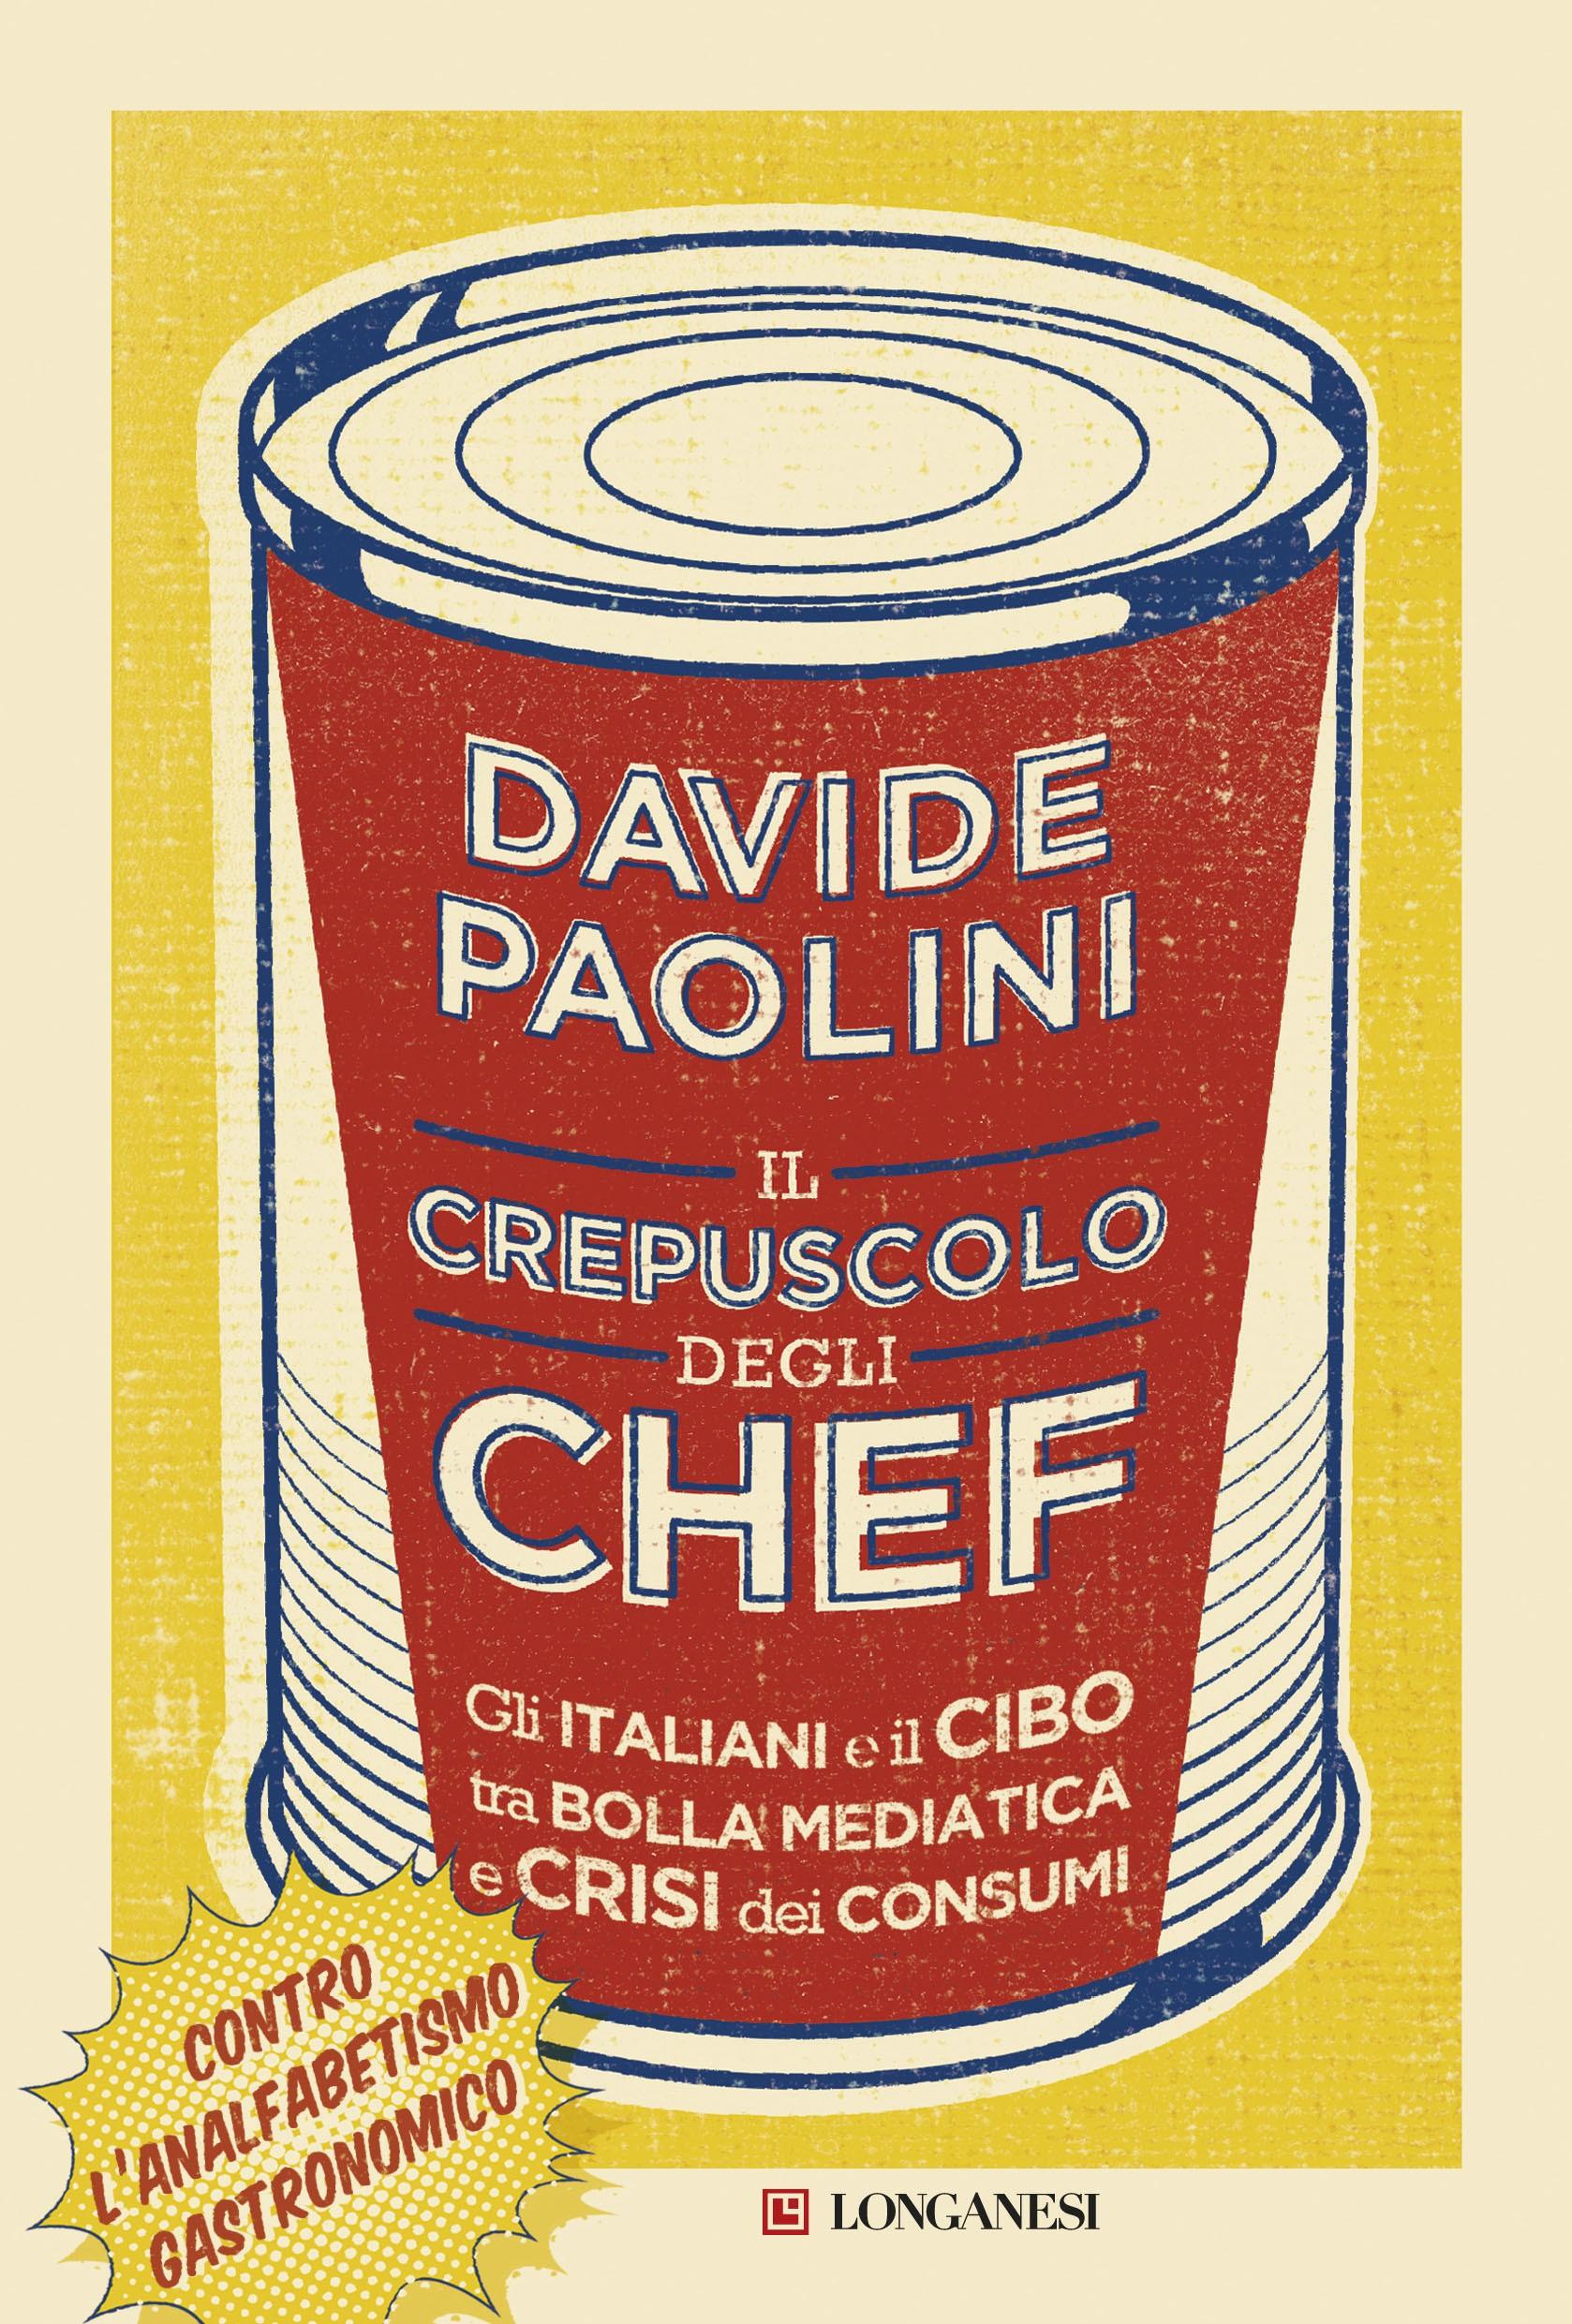 Il crepuscolo degli chef_Esec.indd davide paolini intervista crepuscolo chef